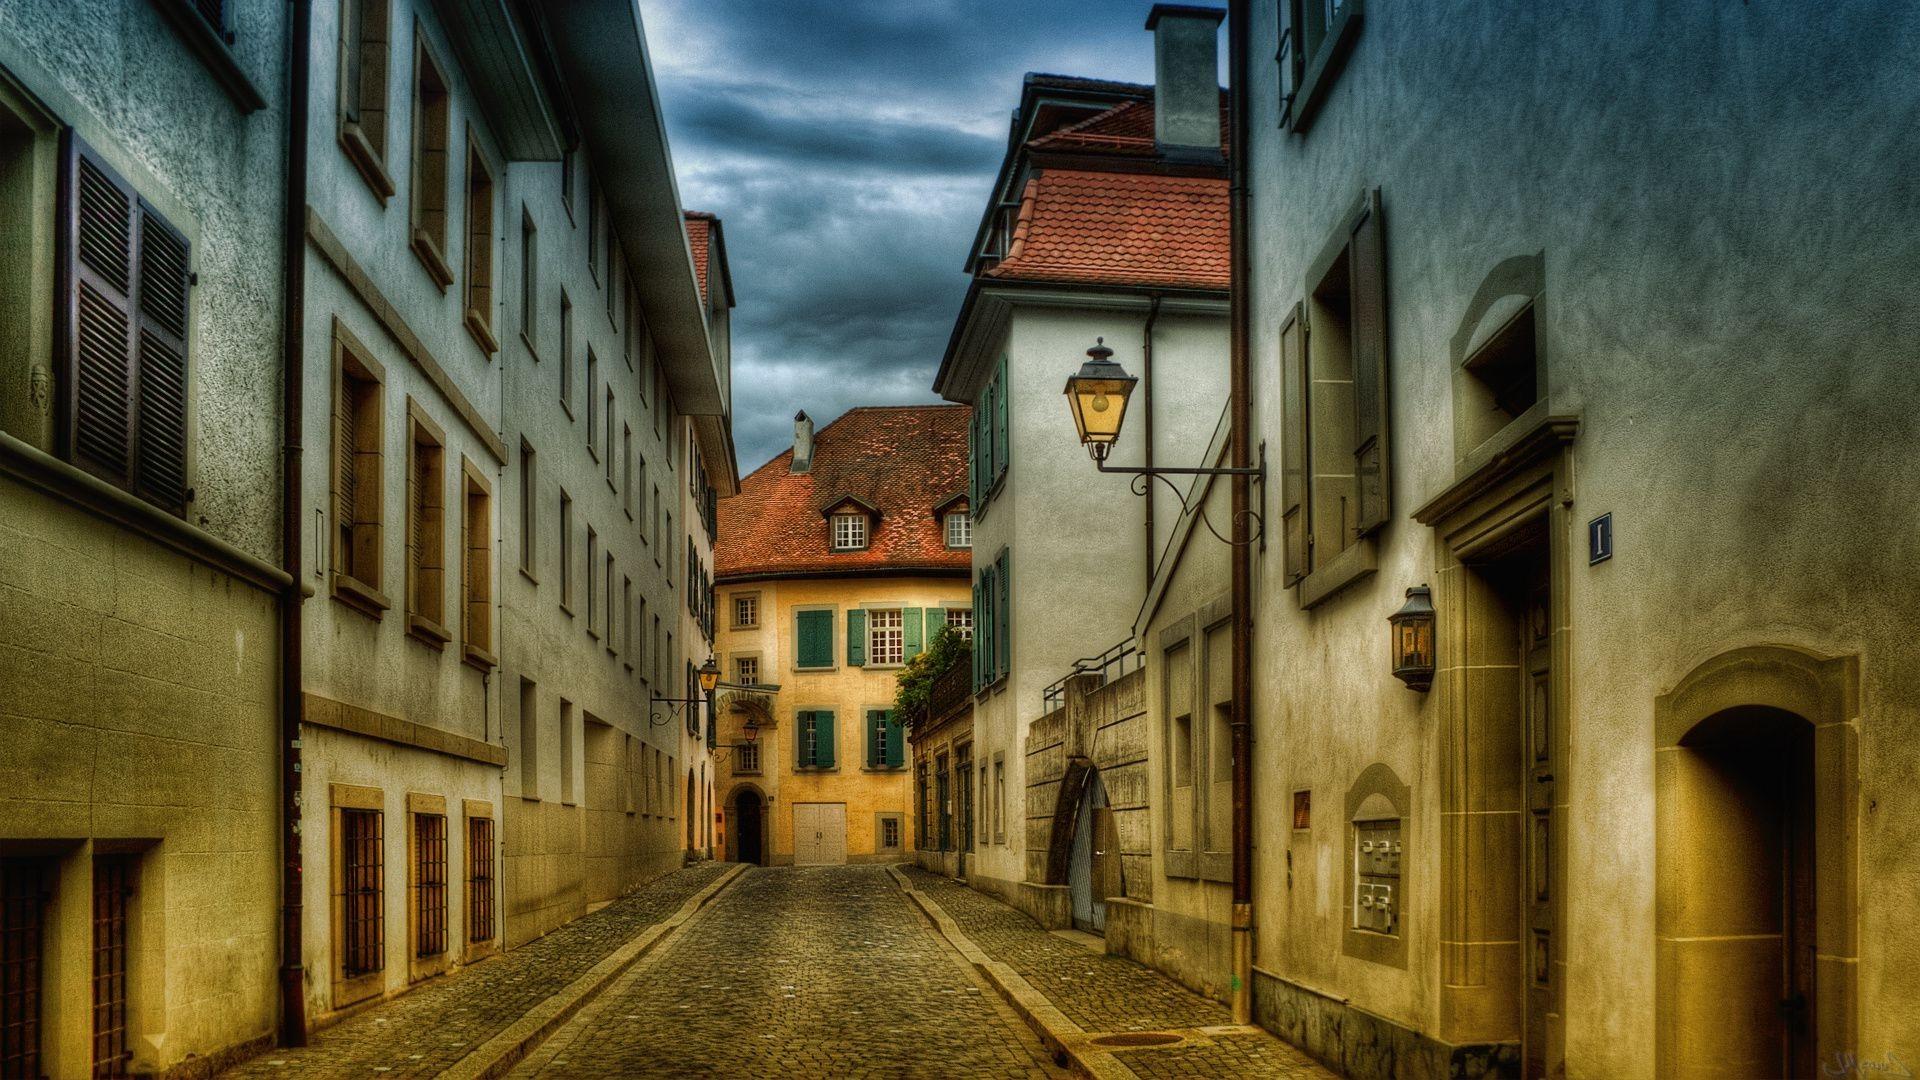 чем картинка старинного города в коричневых тонах на обои набиты интимных